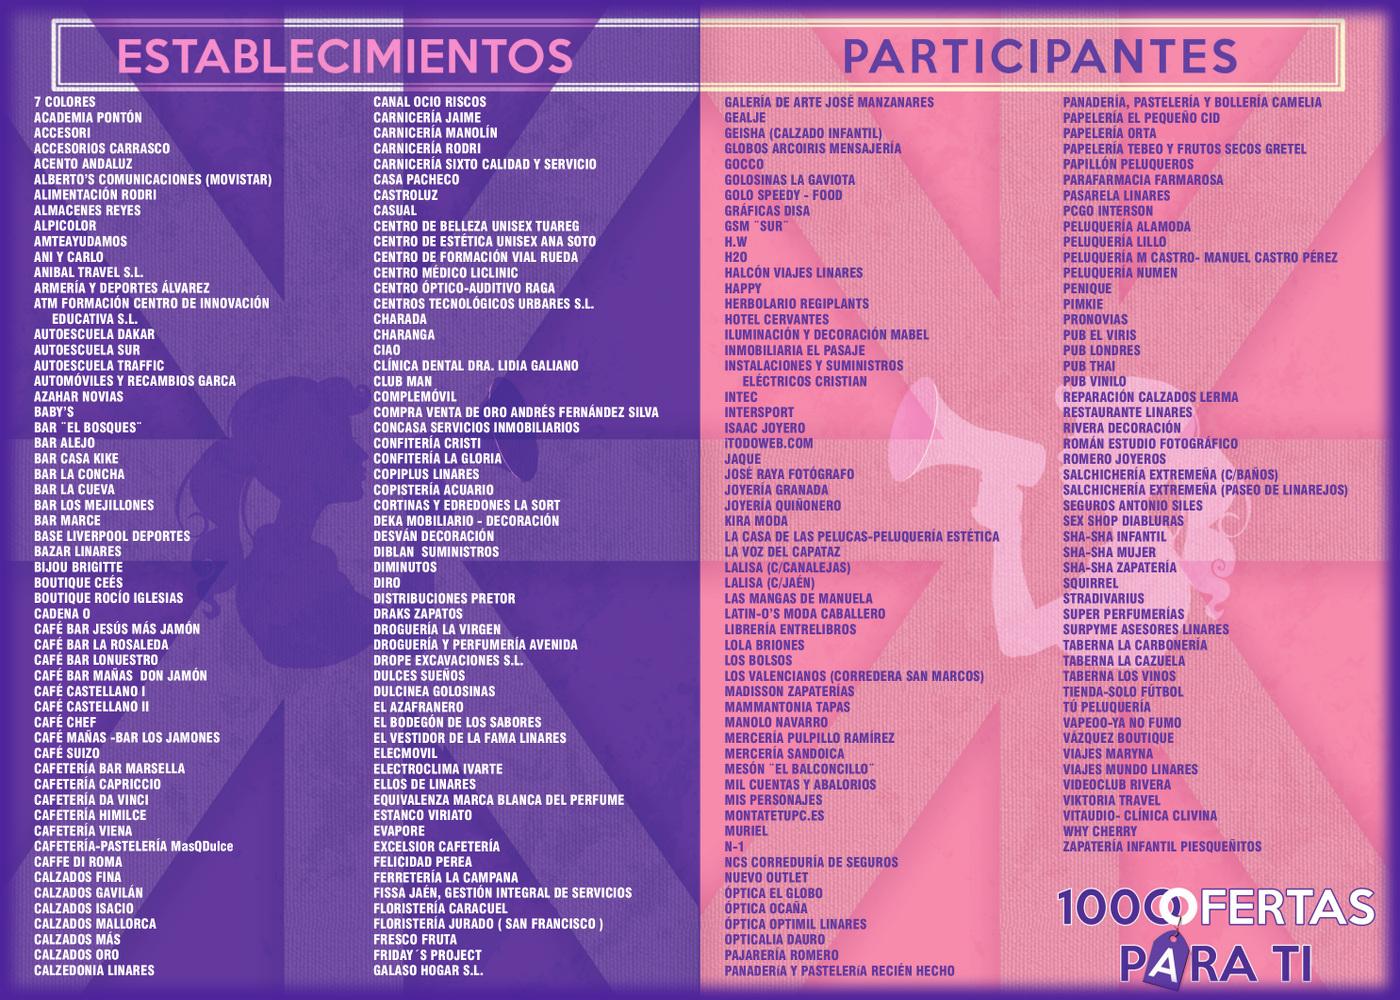 Establecimientos participantes en la promoción 1000 Ofertas de Primavera en Linares